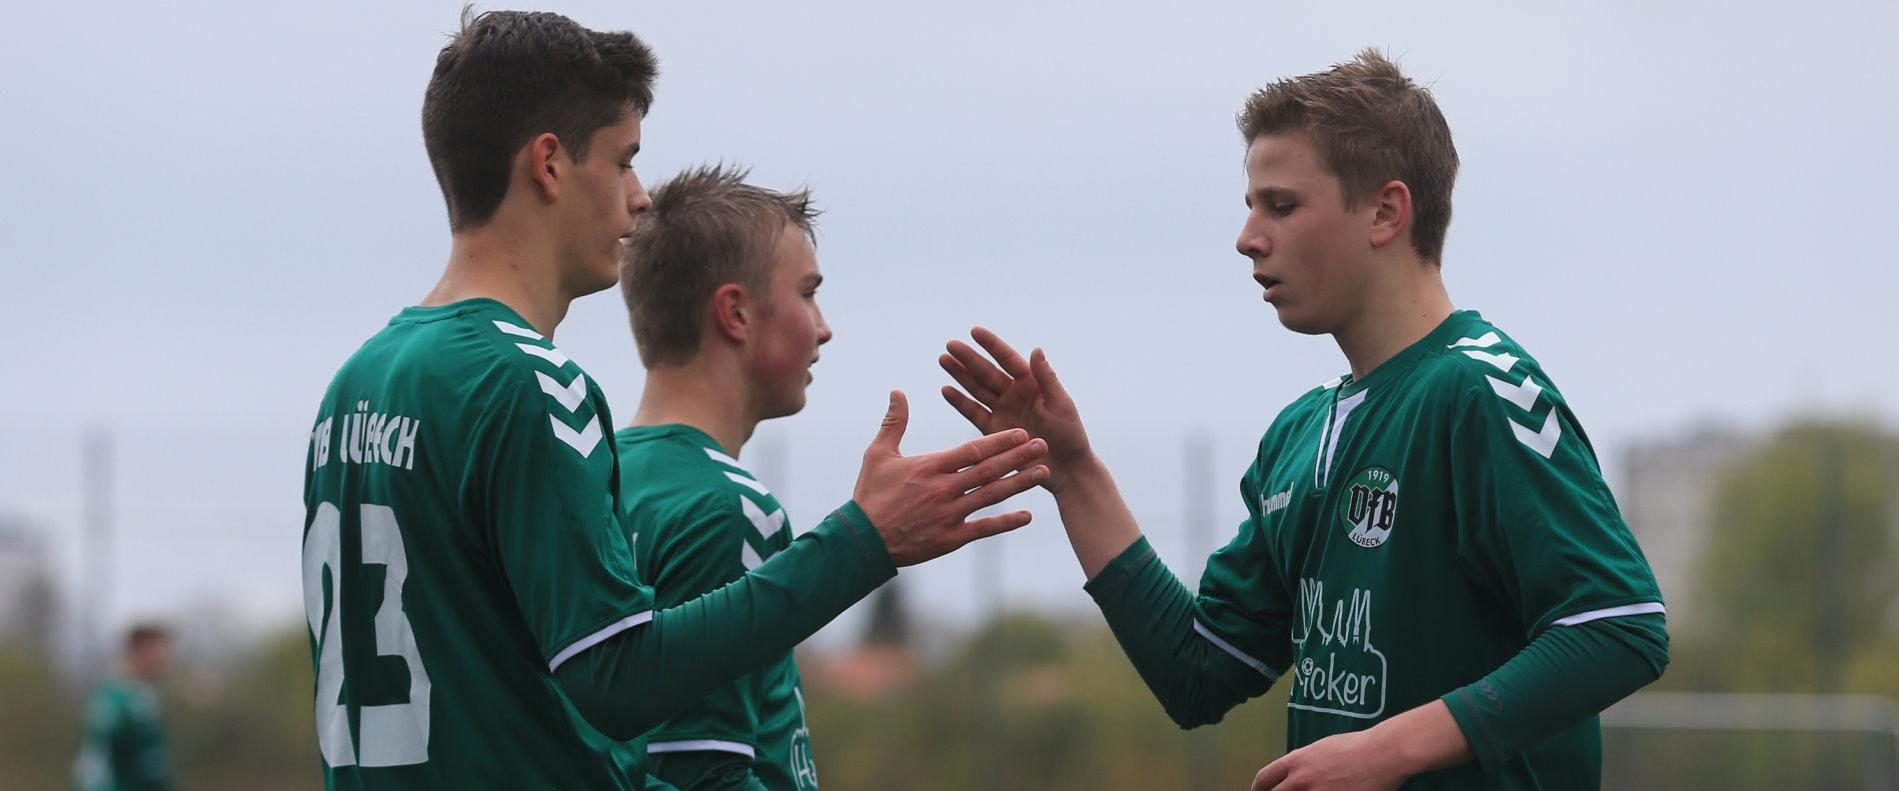 Freude / Jubel / Torjubel nach dem 9:0 durch Mika Paul Salewski (VfB Lübeck U15) mit Timon Burmeister (VfB Lübeck U15) und Jasper Schnoor (VfB Lübeck U15)